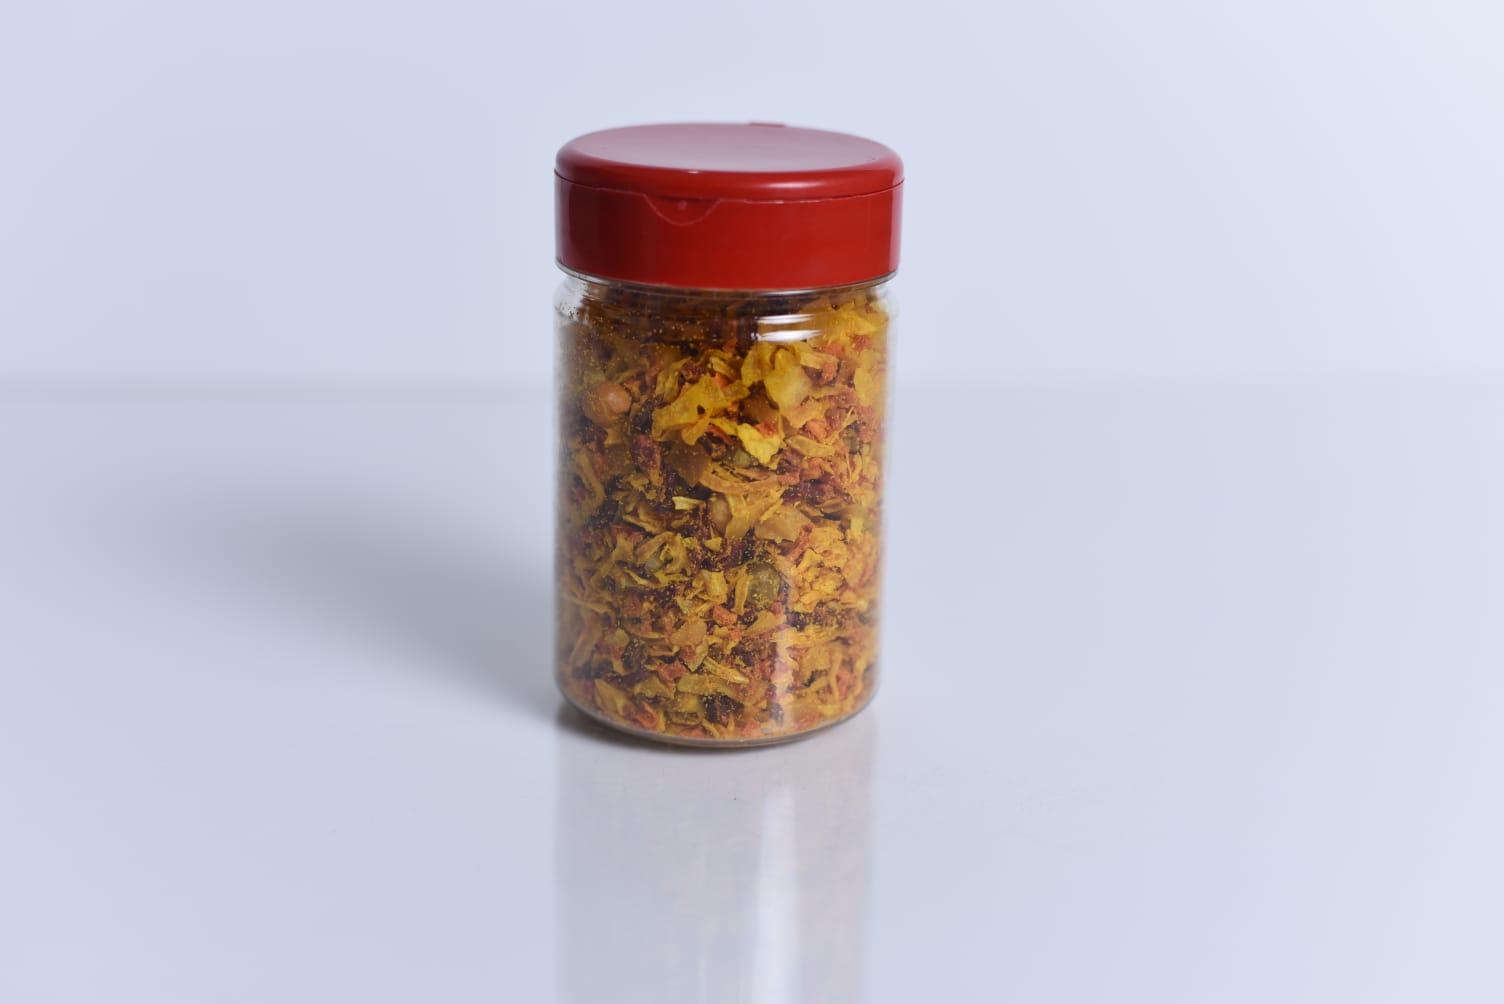 תוספת לאורז- עיראקי צהוב